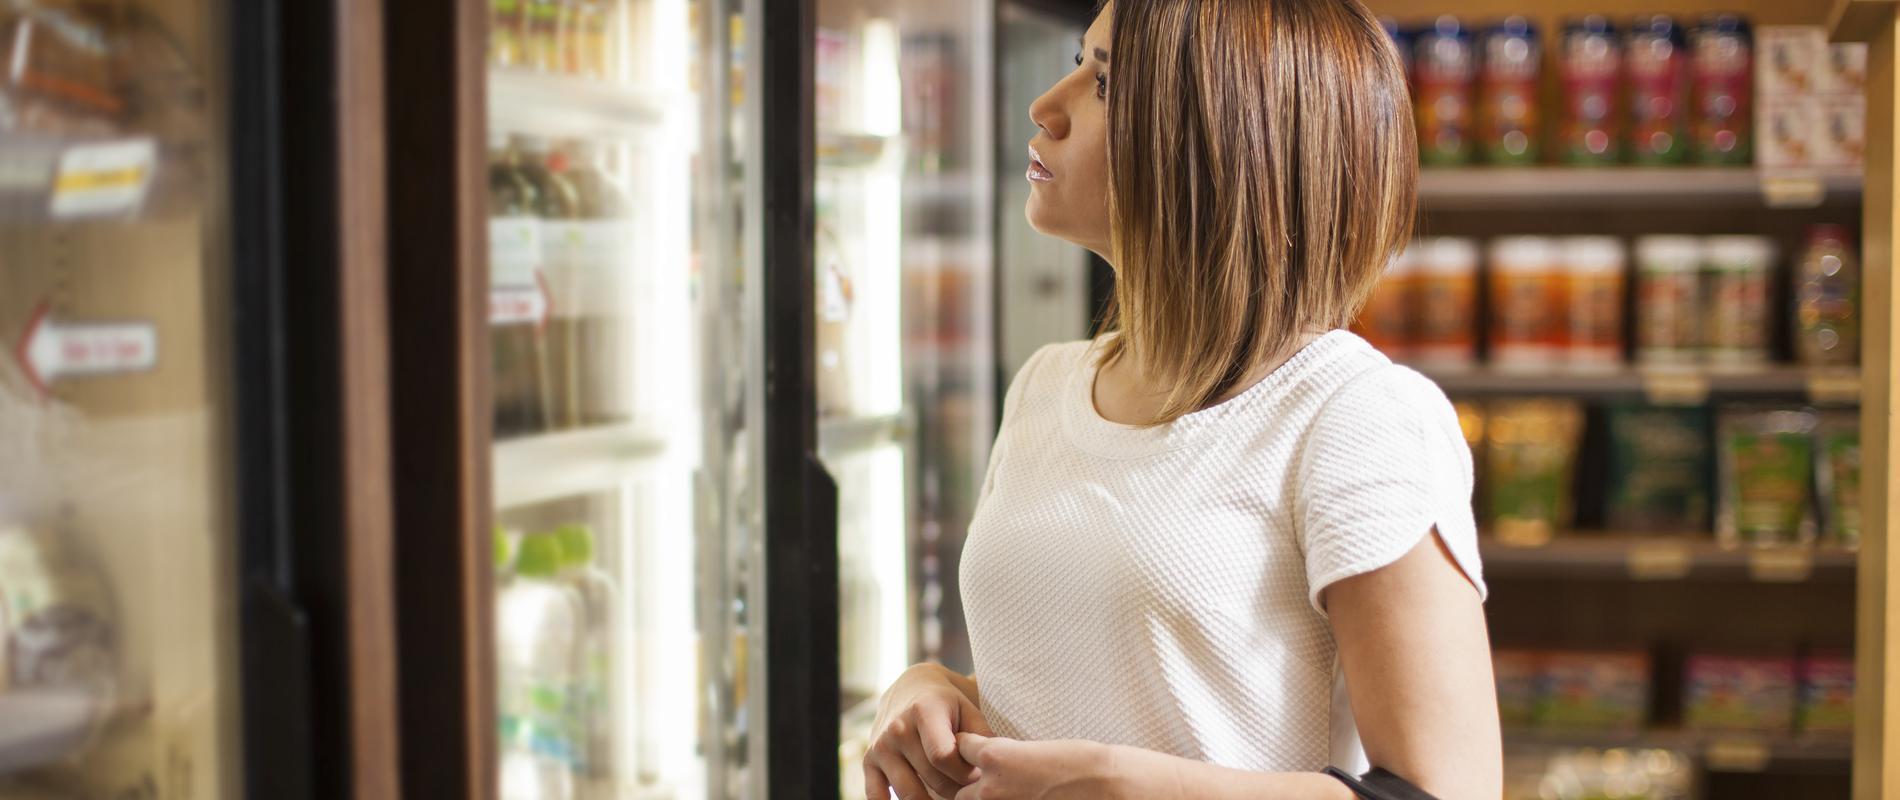 上班族福利:如何在超市也能挑选到健康即食午餐